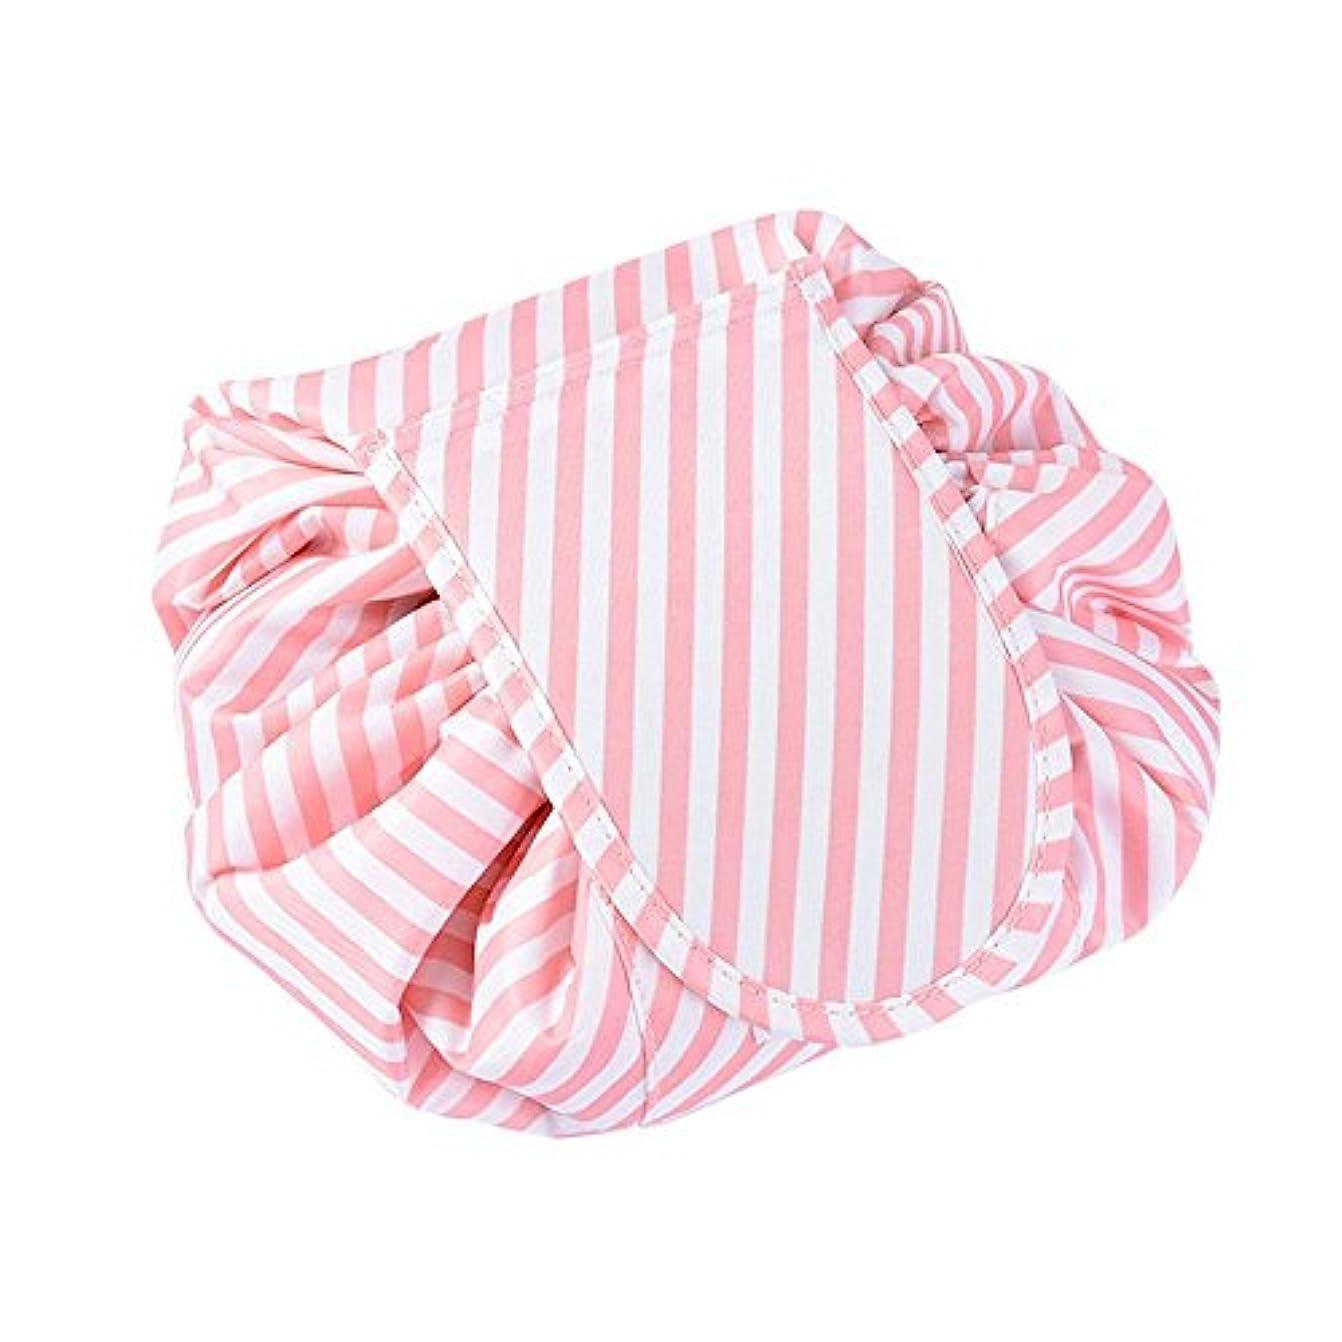 操縦する魅了する巧みな旅行化粧バッグ ファッションお手軽カジュアル巾着旅行防水大容量の化粧バック (ピング縞模様)